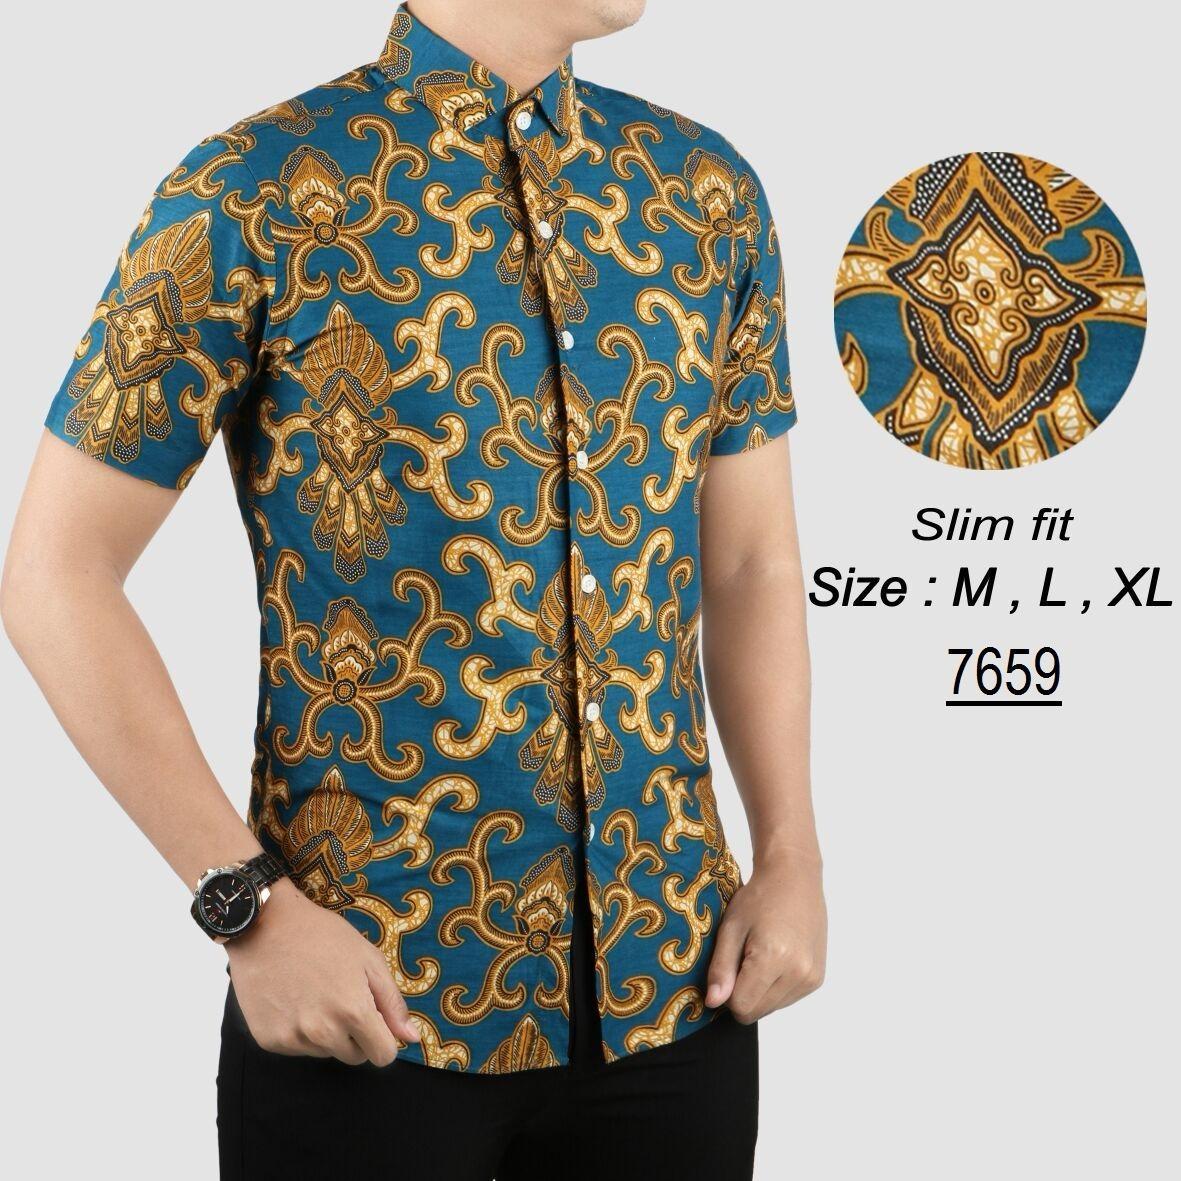 Jual Baju Batik Modern Kemeja Pria Slim Fit 7659 Di Bawah Harga